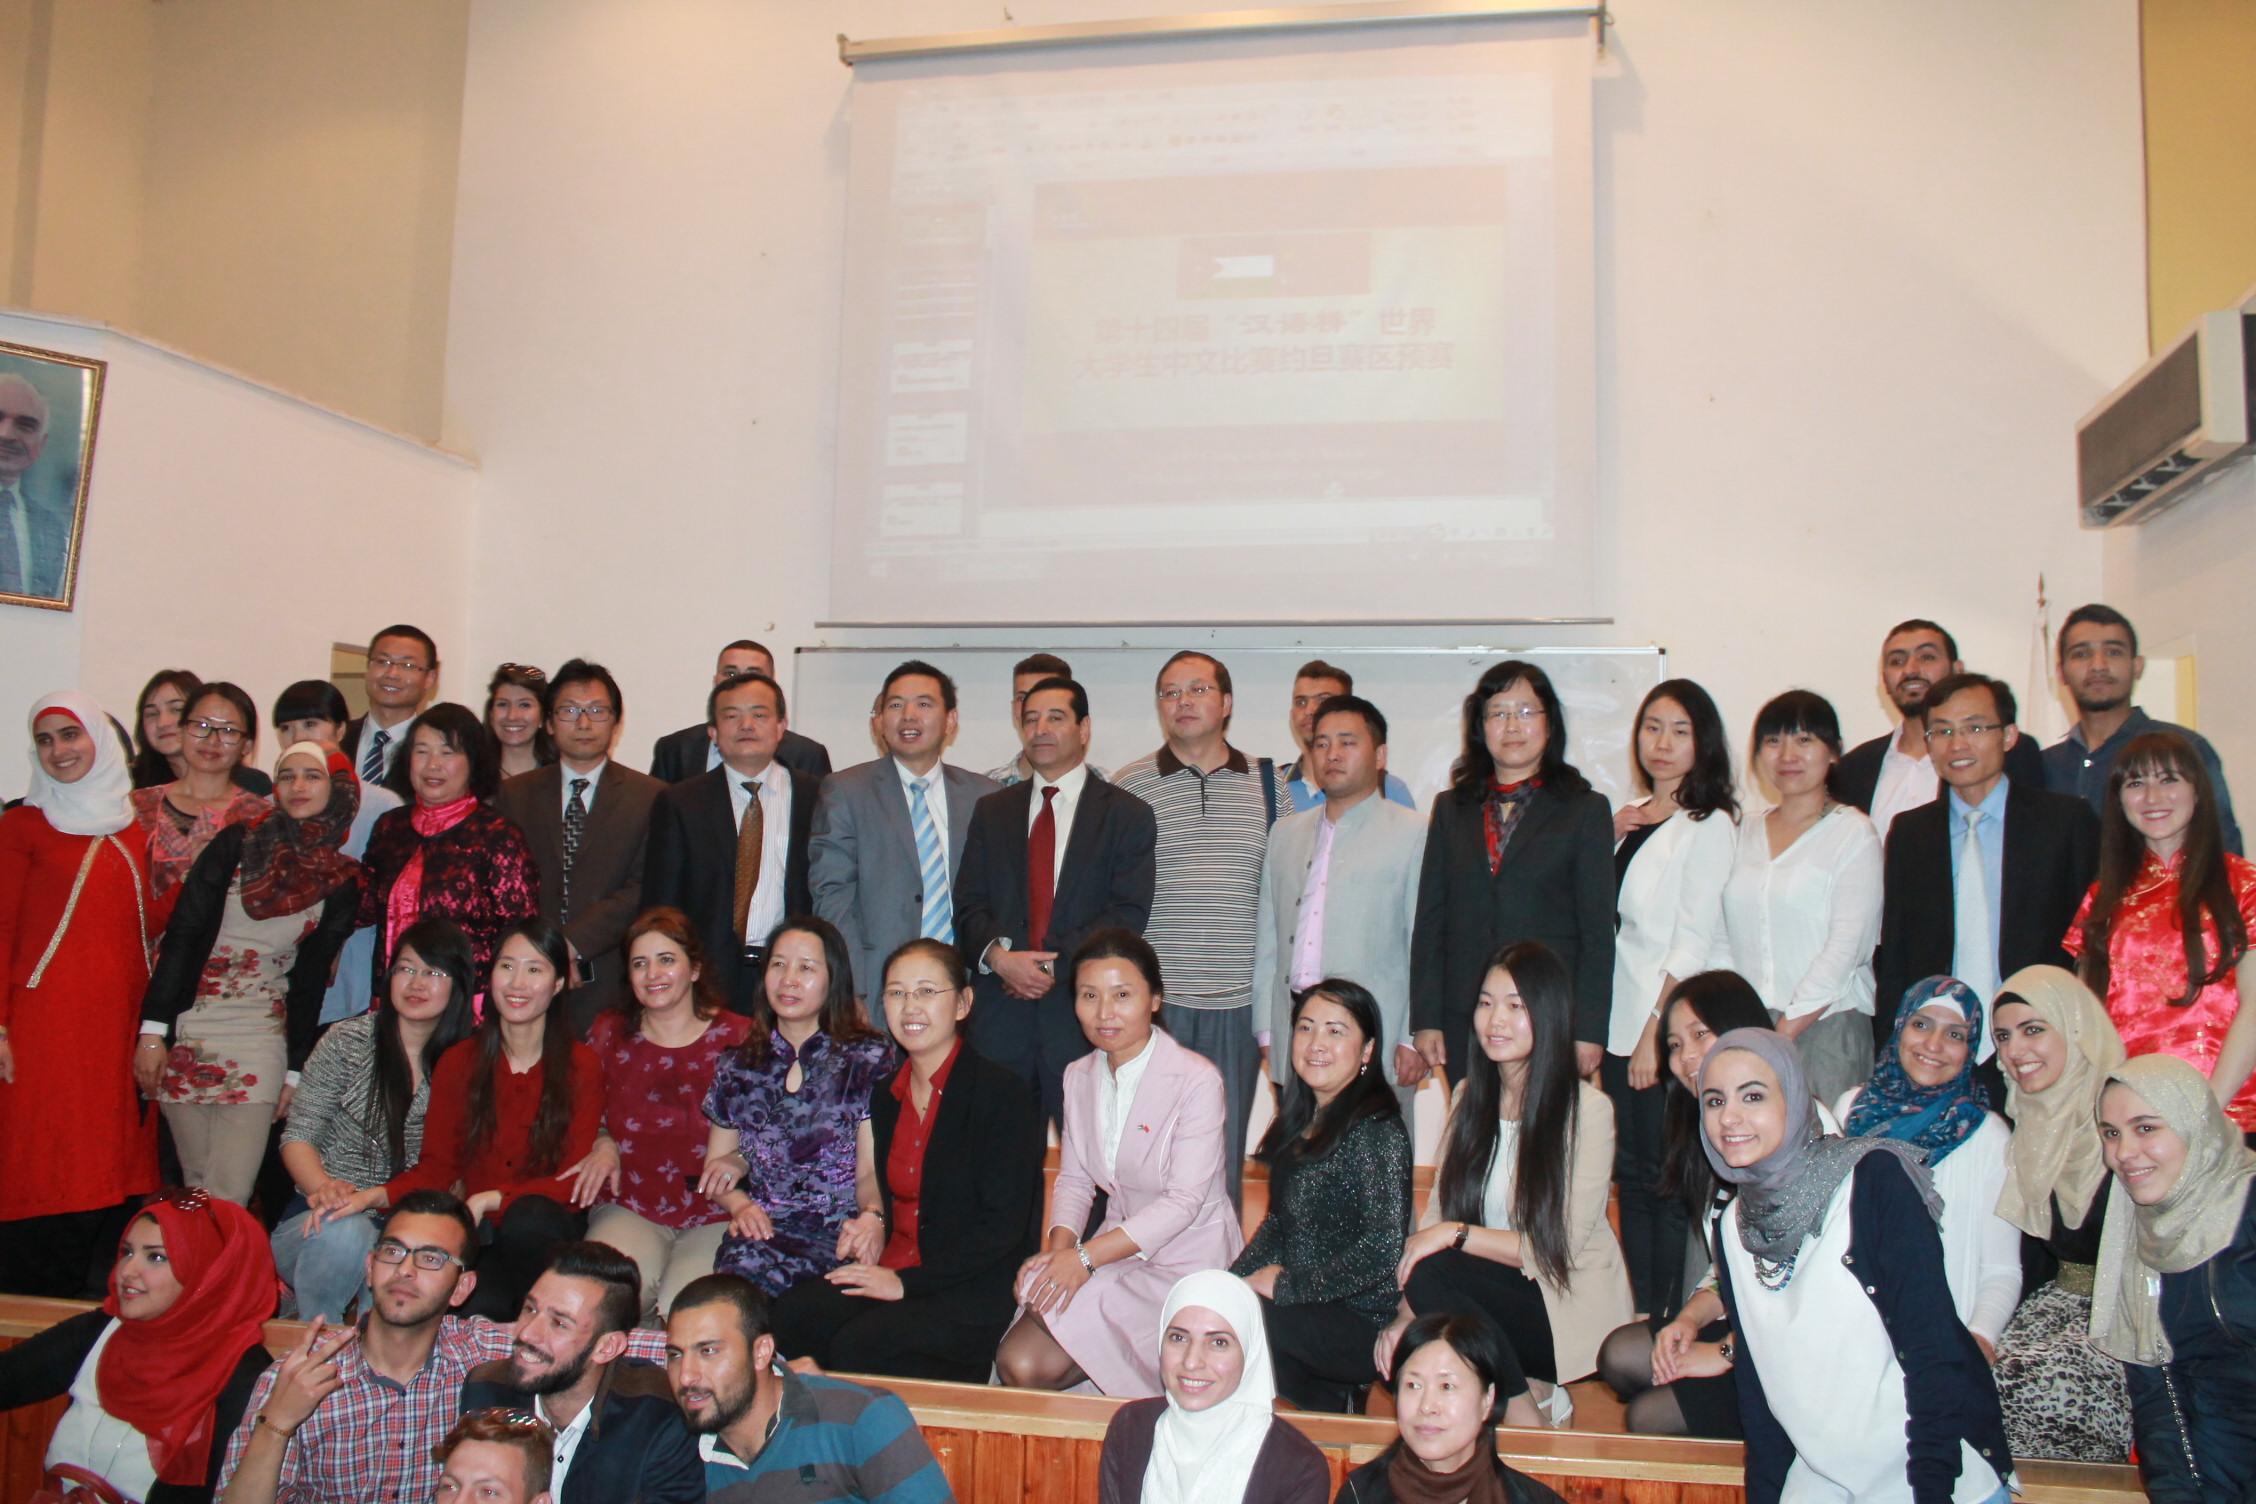 مسابقة الجسر الصيني في معهد كنفوشيوس فيلادلفيا